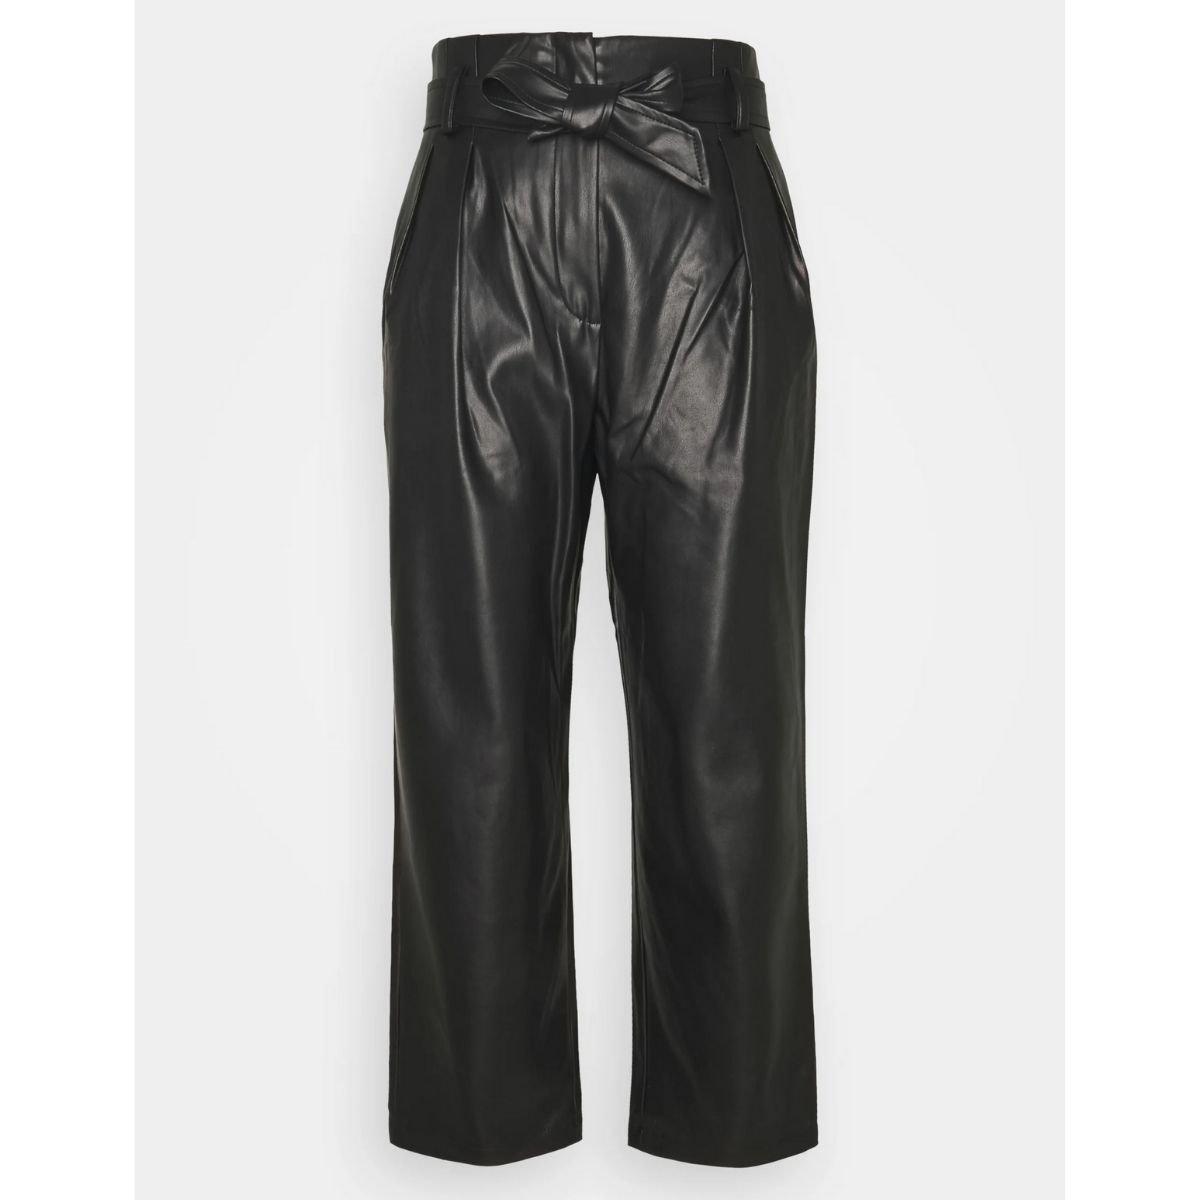 Pantalone Derhy In Ecopelle...